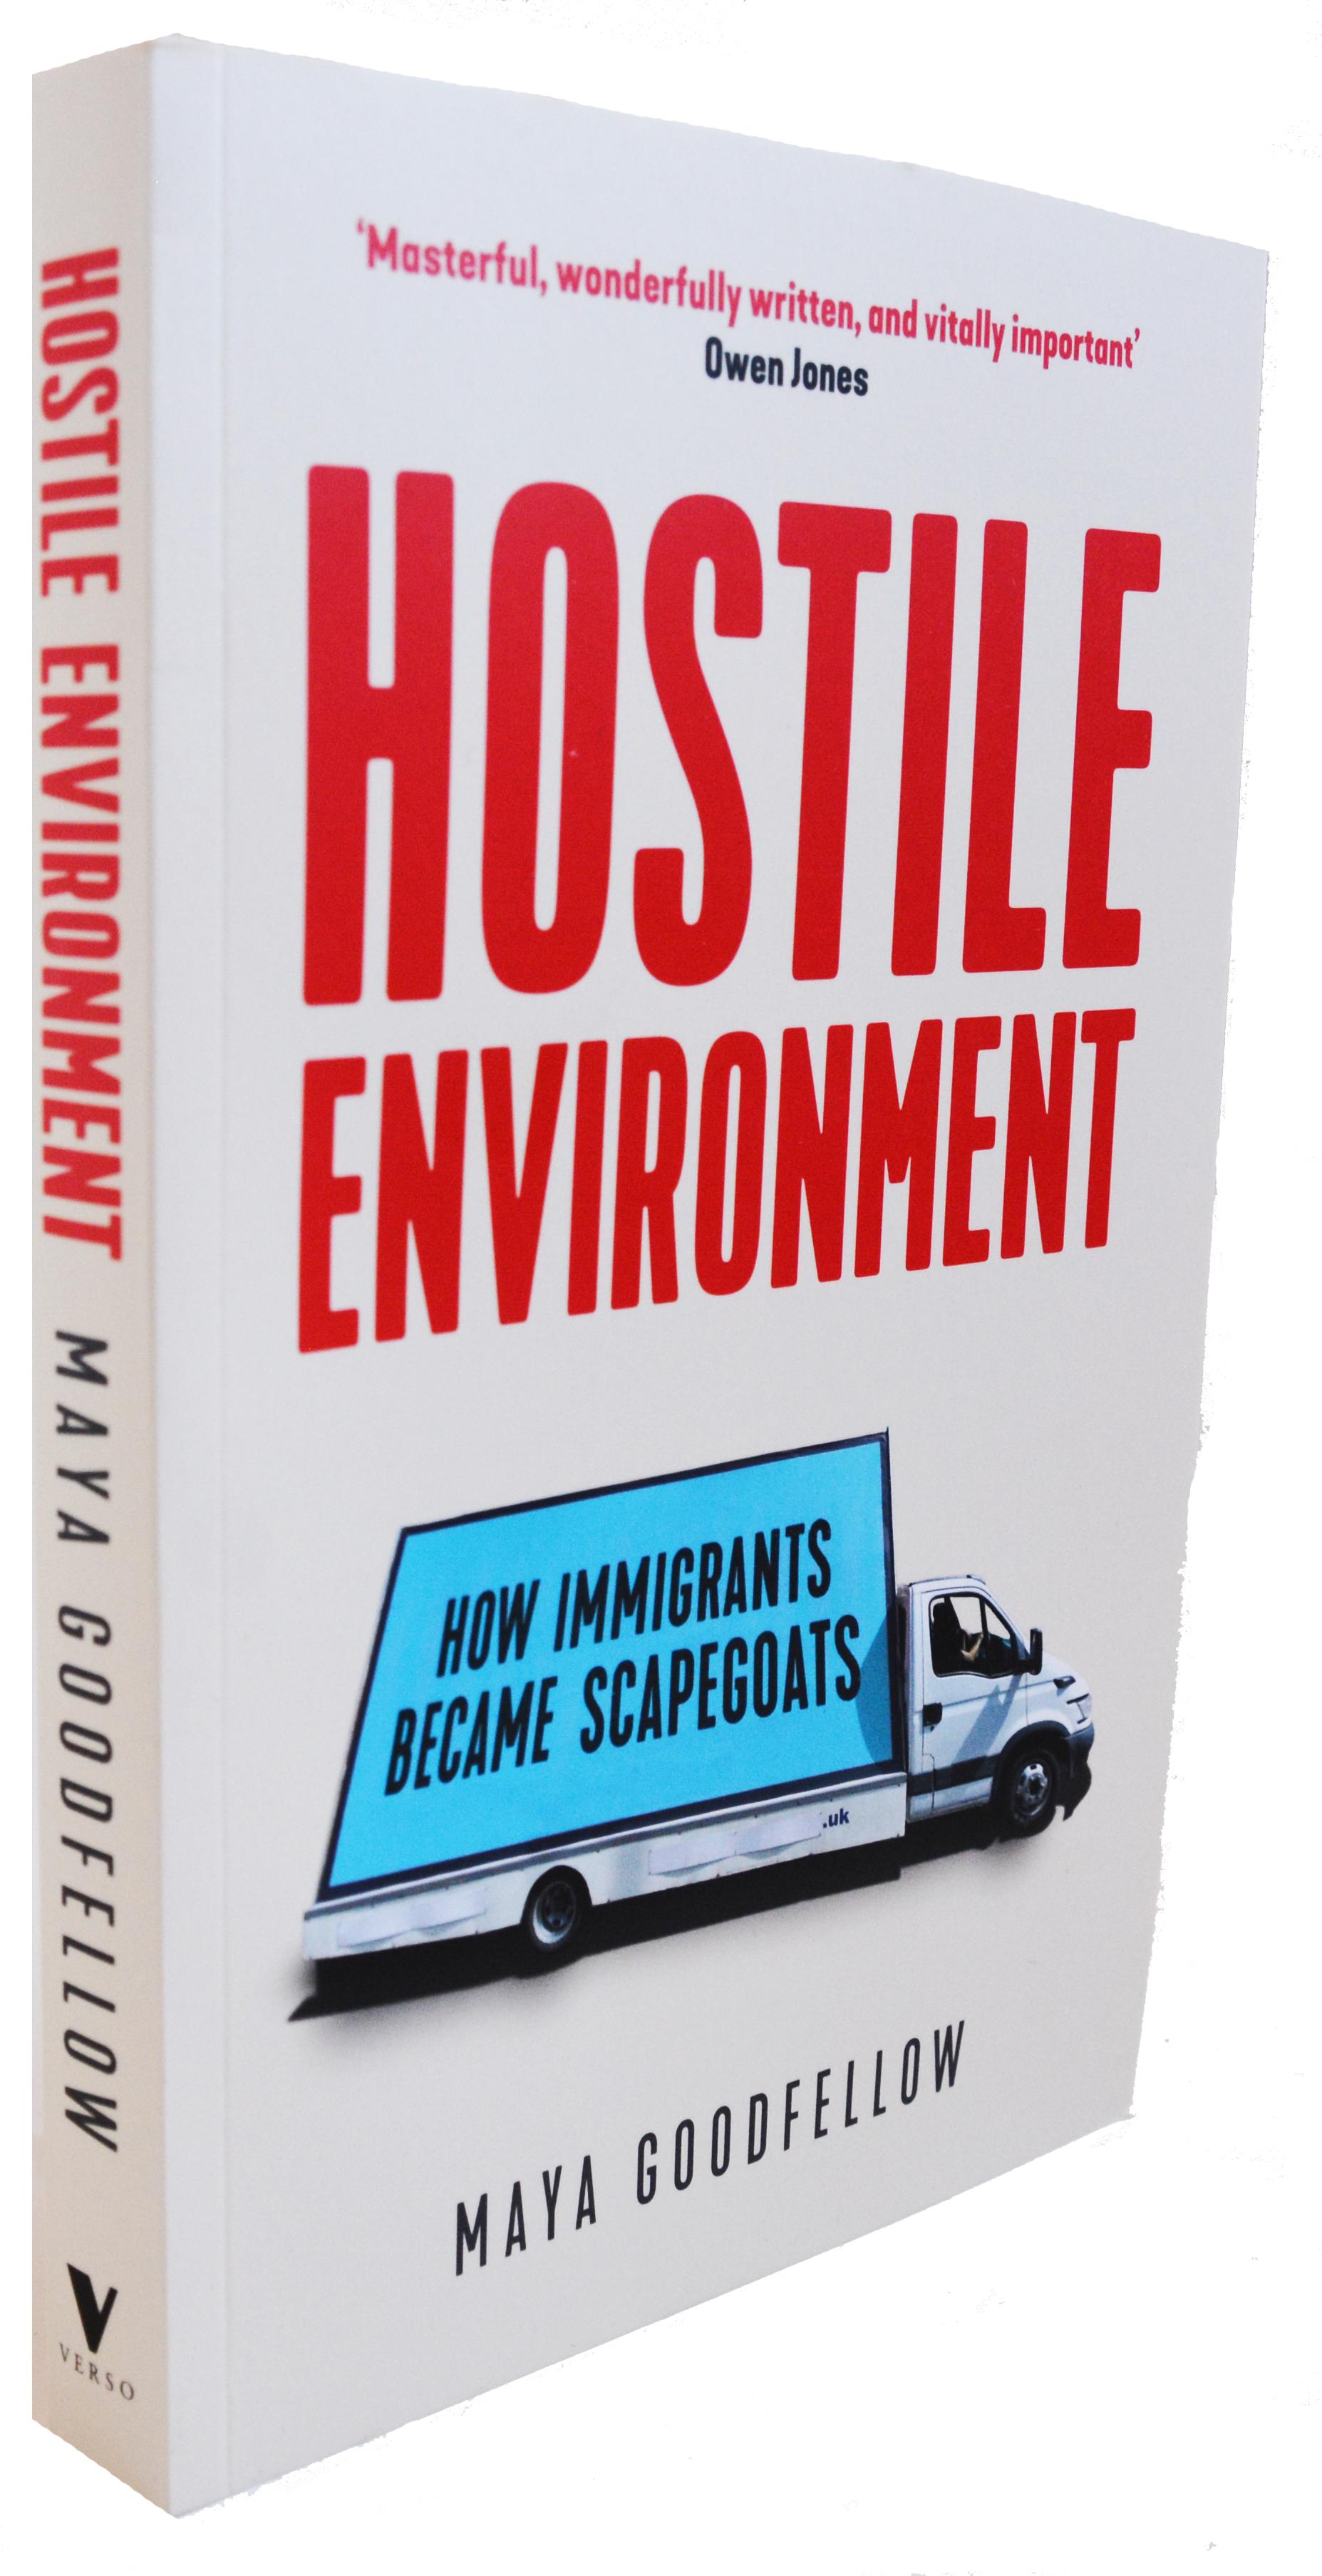 Hostile_environment